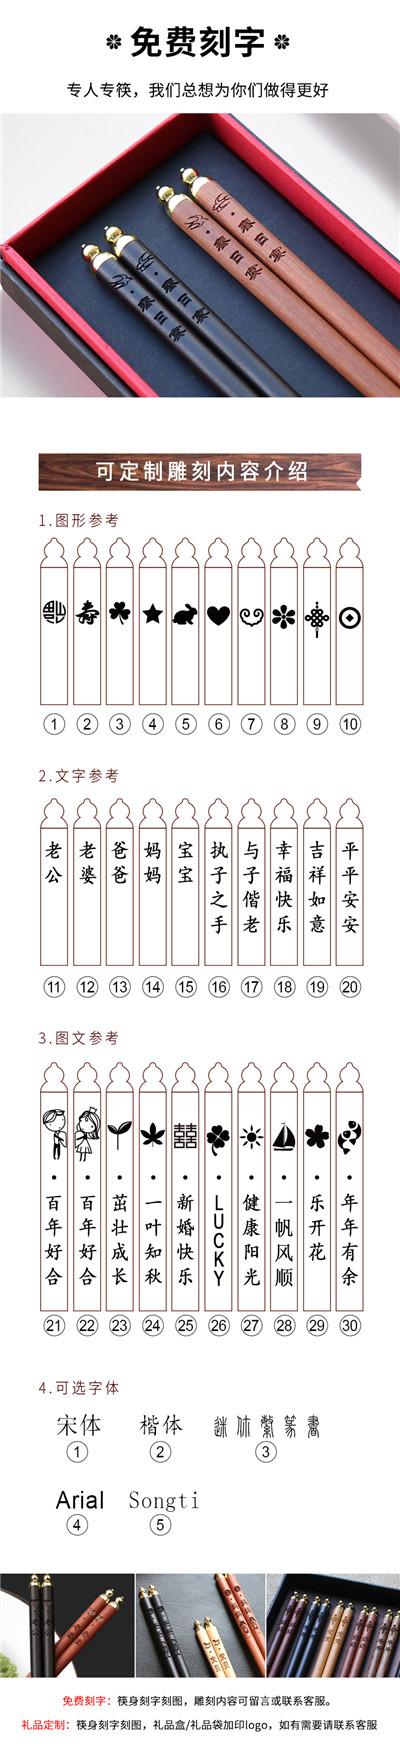 匠艺新品合家福禄礼盒红木筷子套装